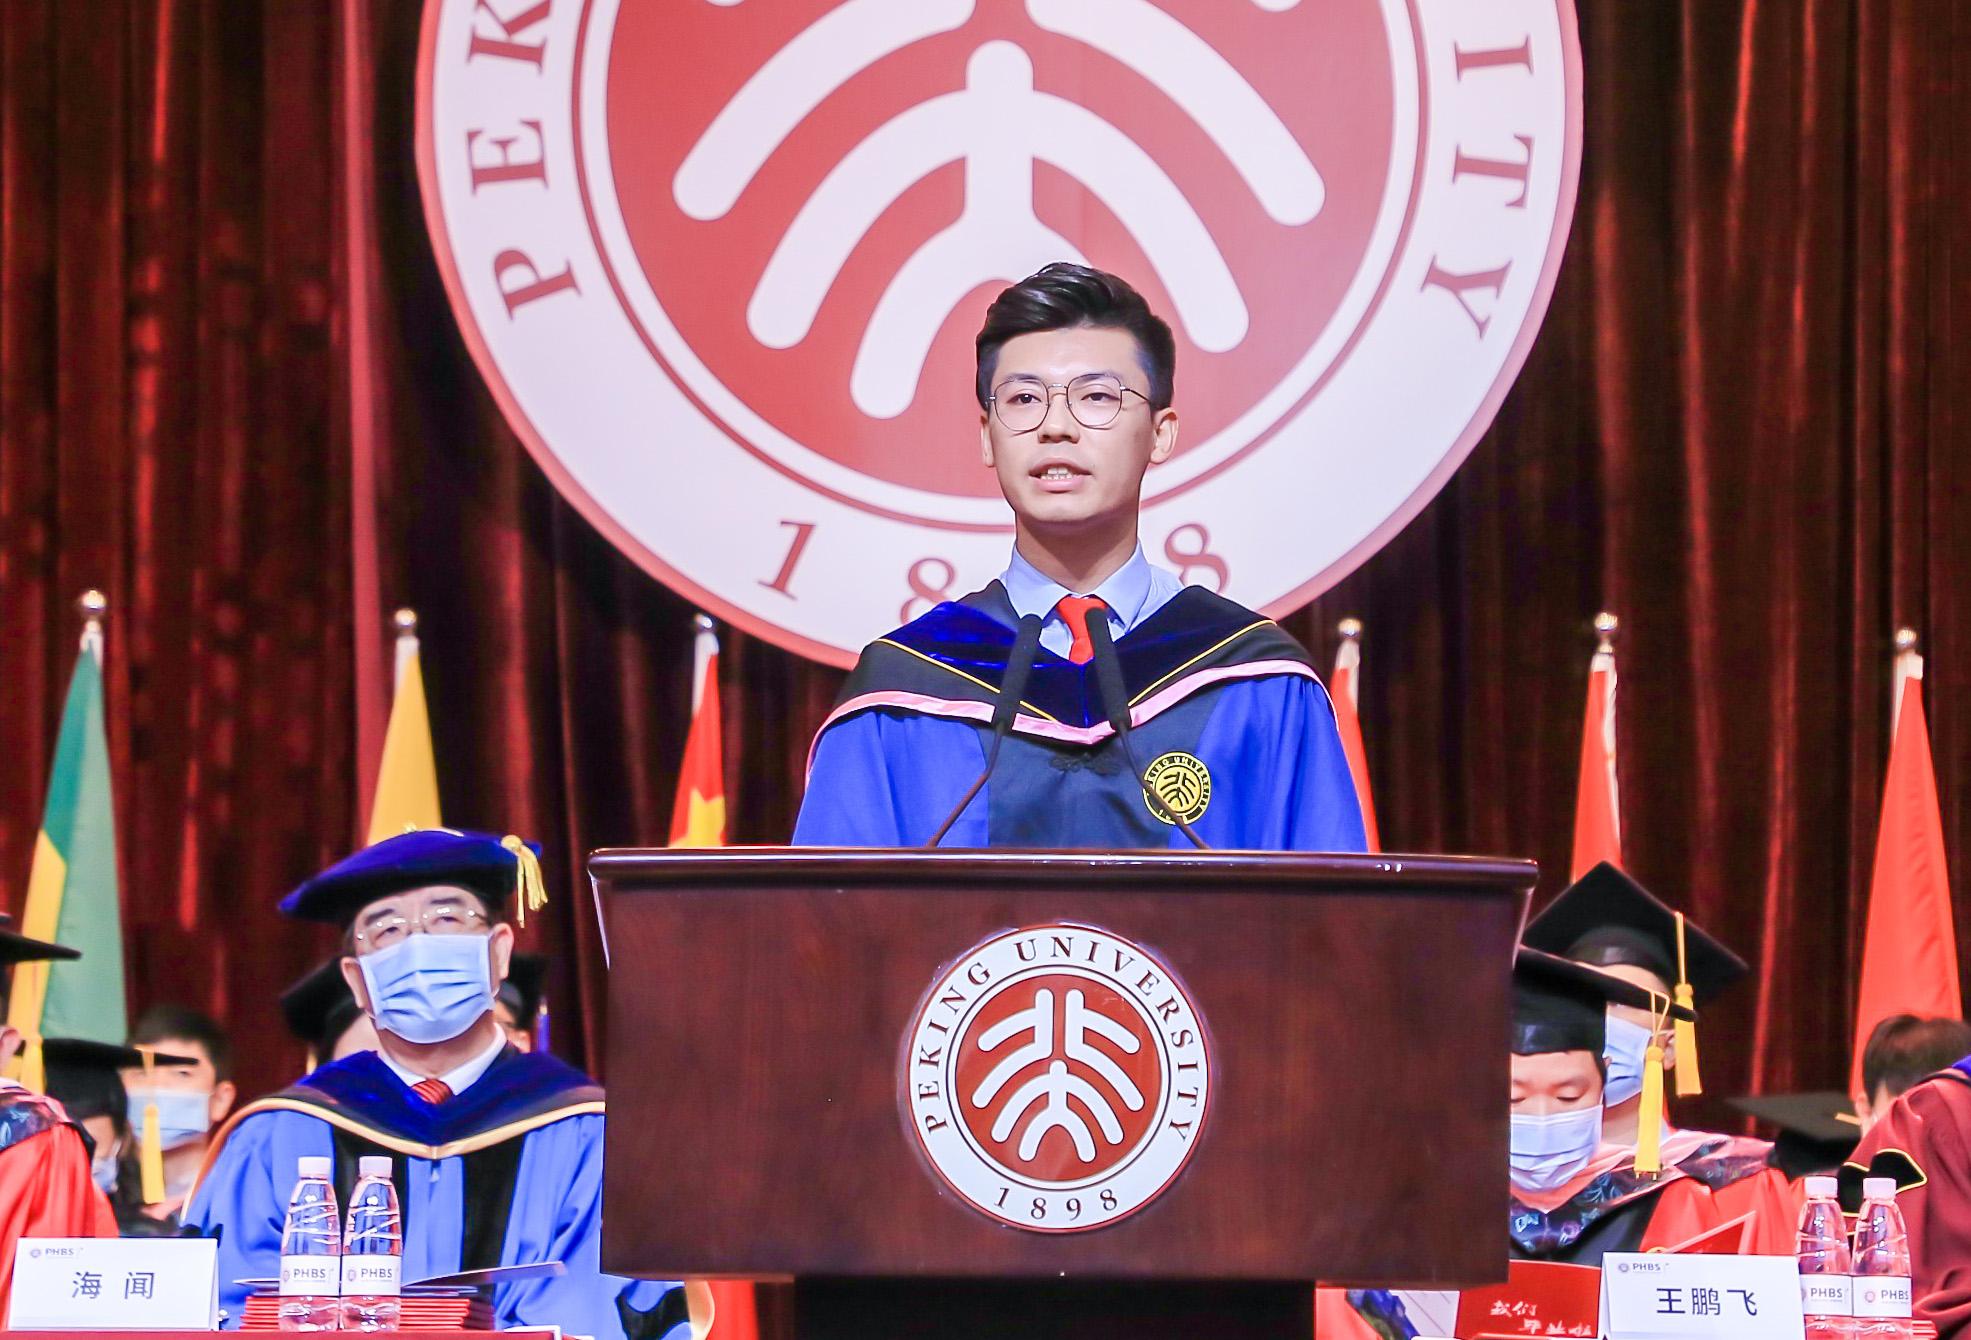 宫北辰:无论在哪里都要铭记,我们是北大汇丰人丨北大汇丰2021年毕业典礼